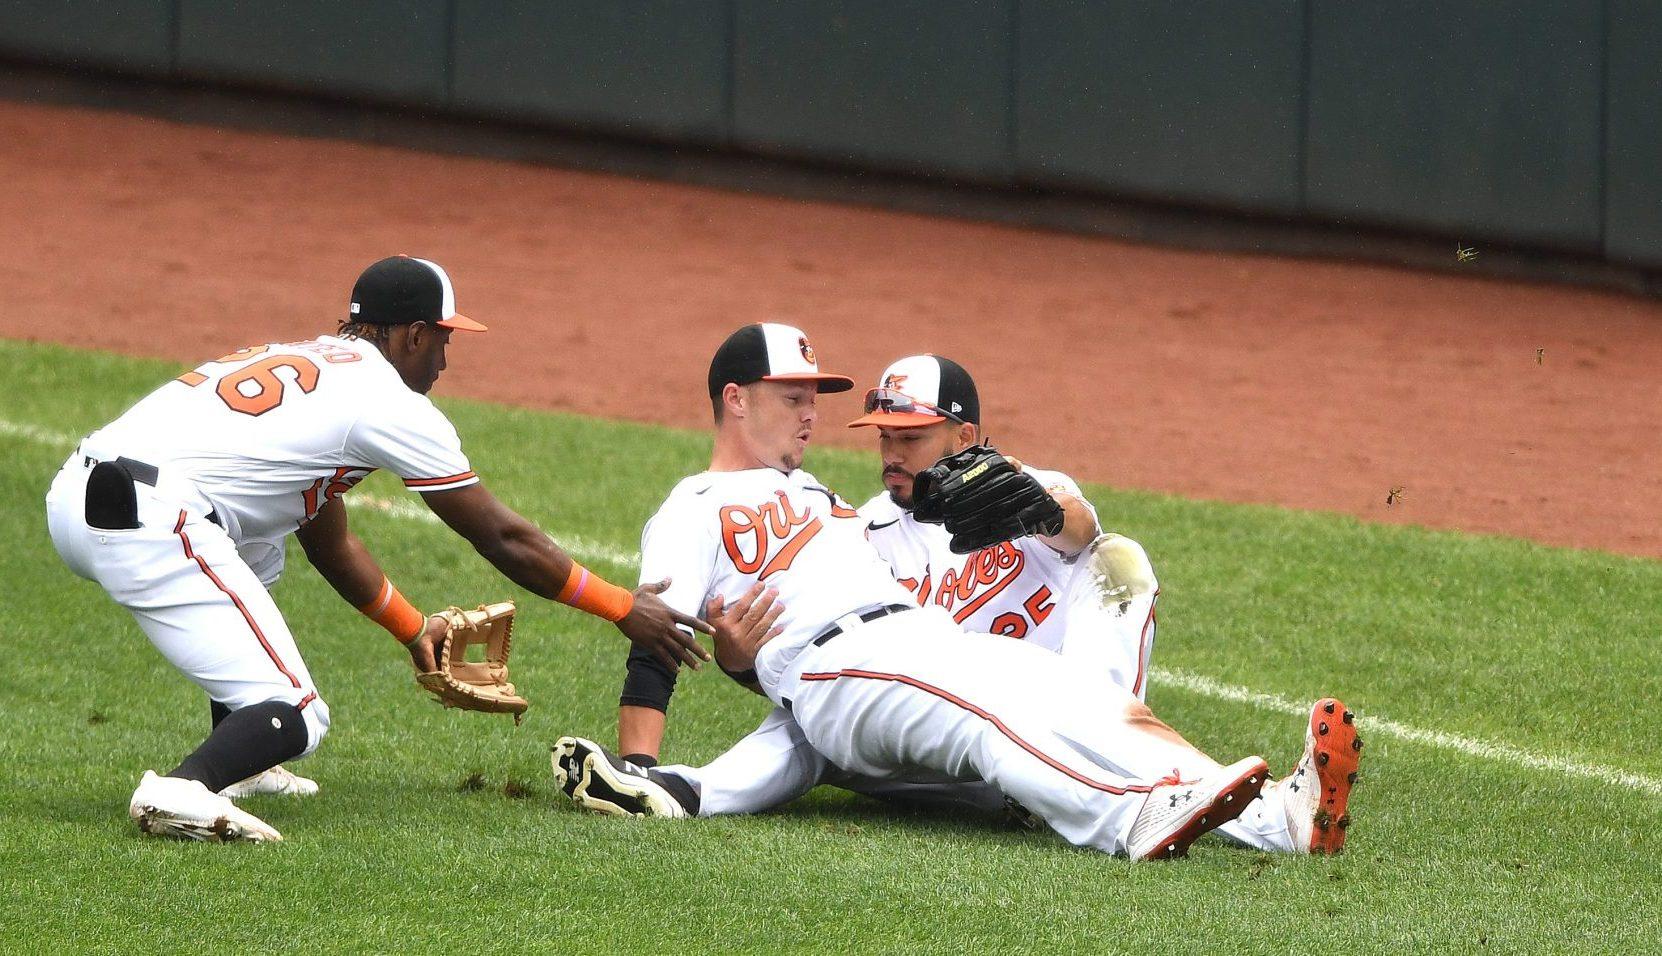 Some Baltimore Orioles crash into each other